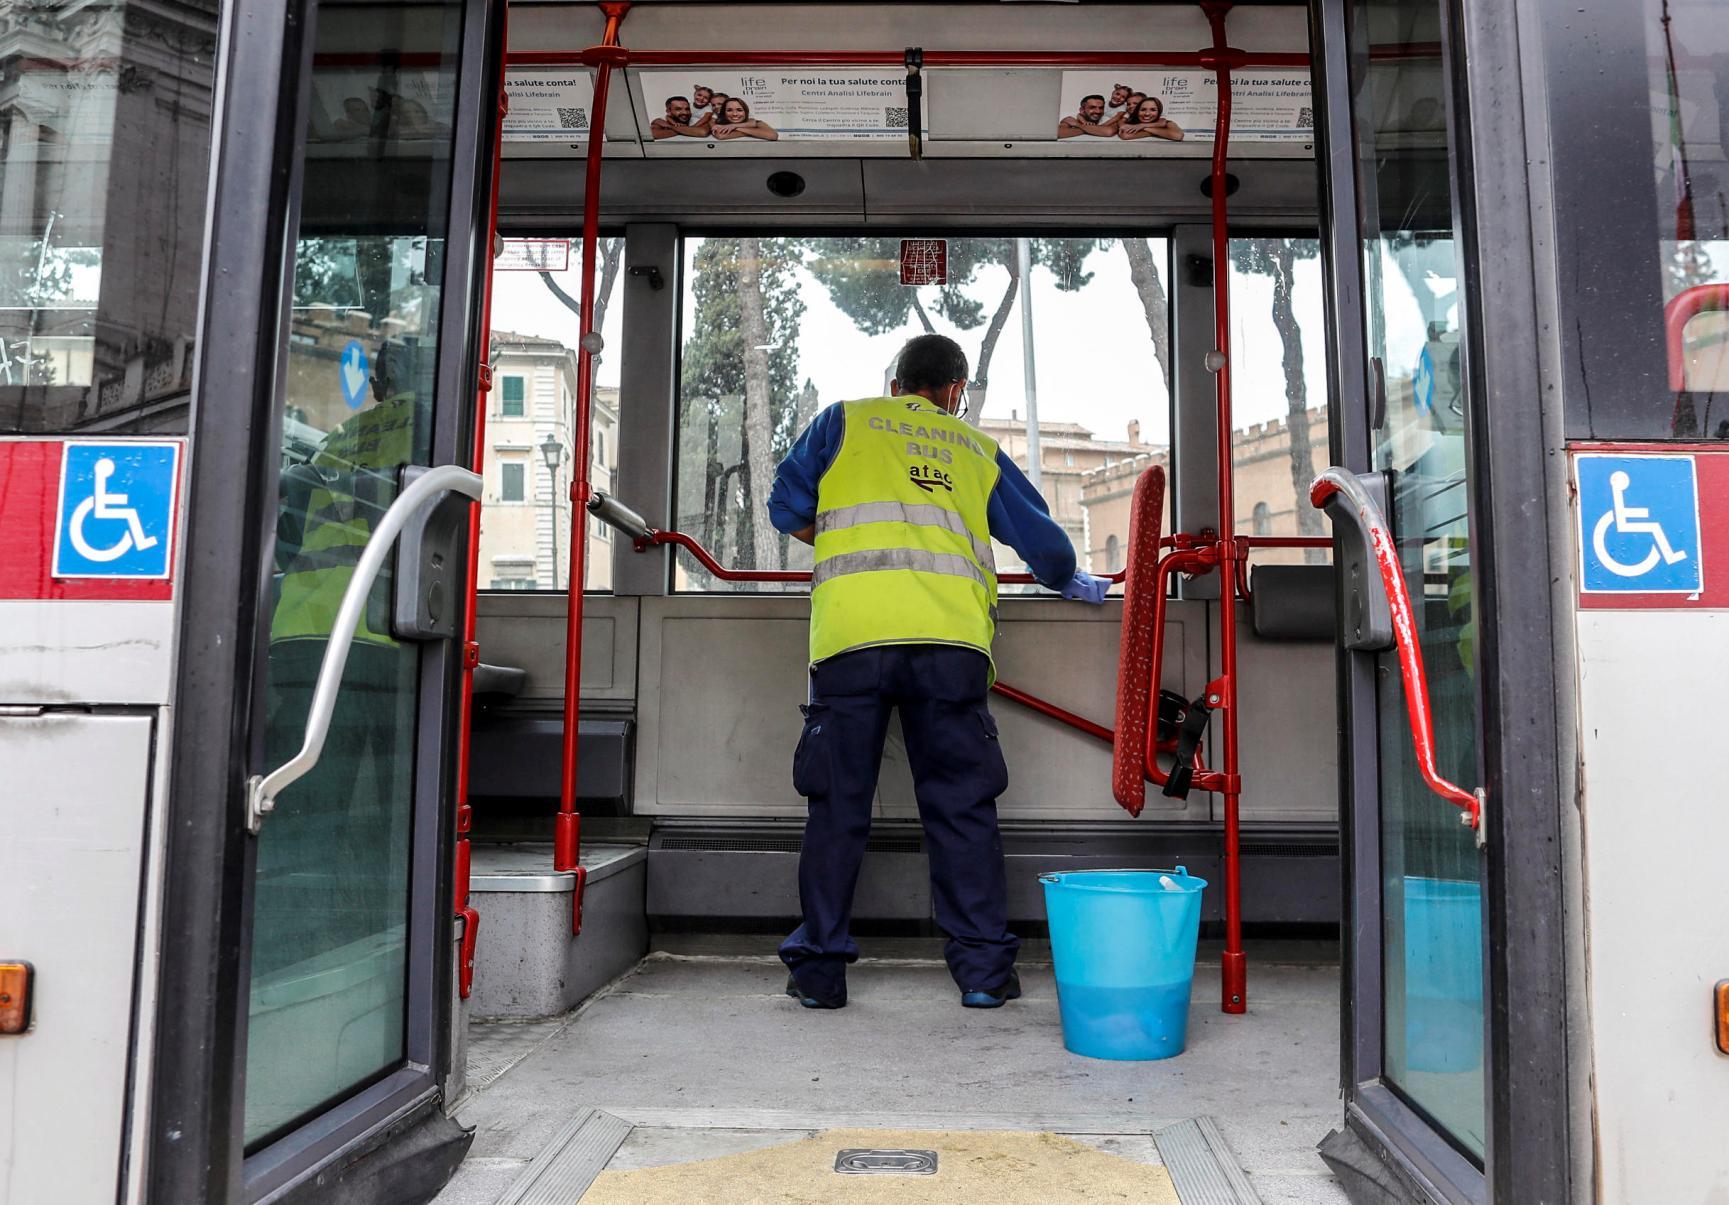 monopattini elettrici trasporto pubblico